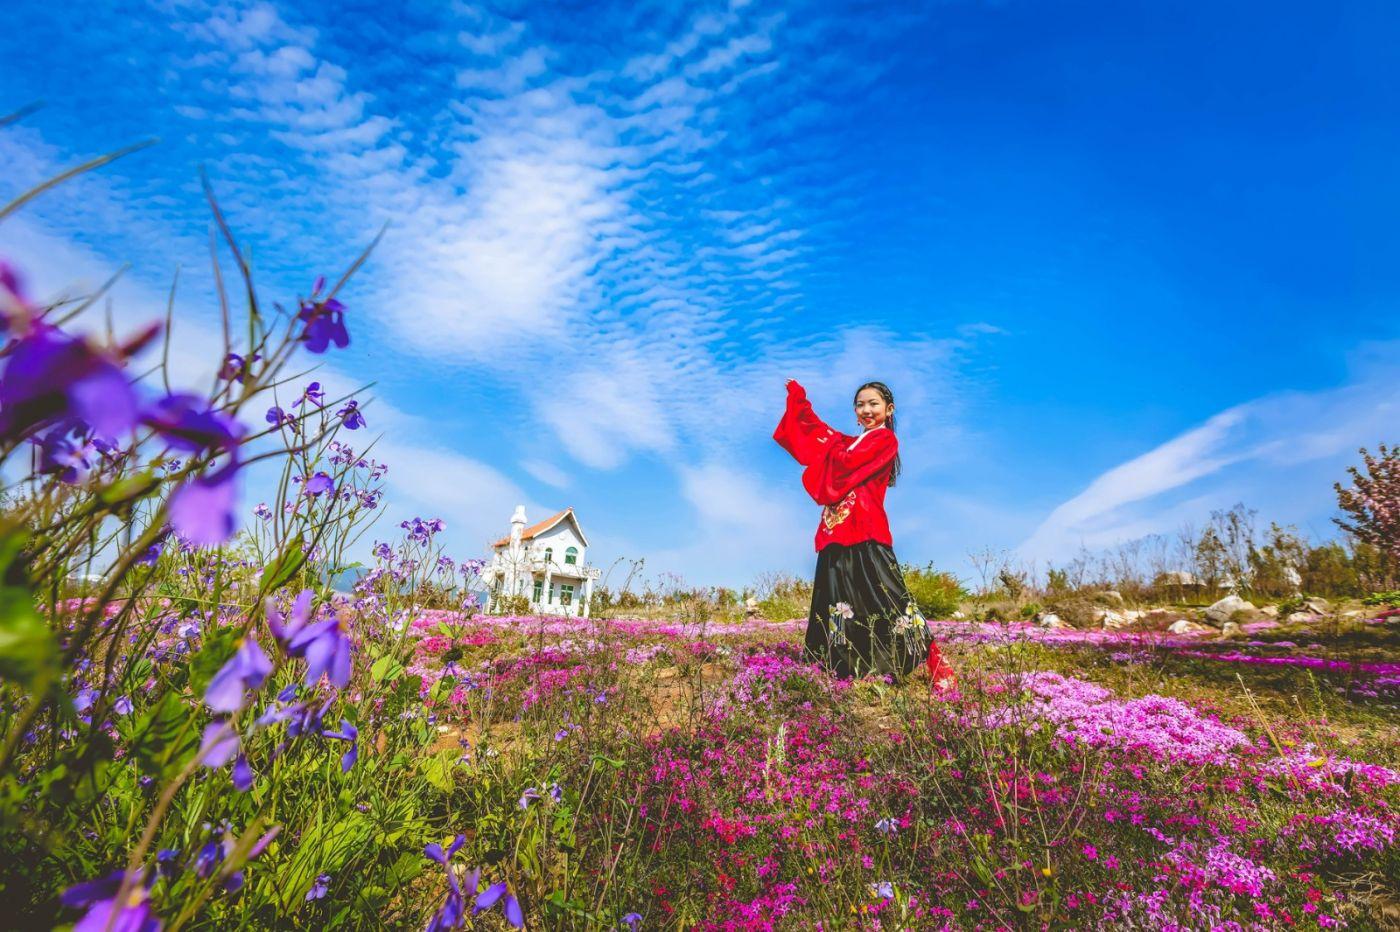 这个春天有点美 汉服仙子下凡尘 抓紧来临沂踏青赏花拍片片_图1-7